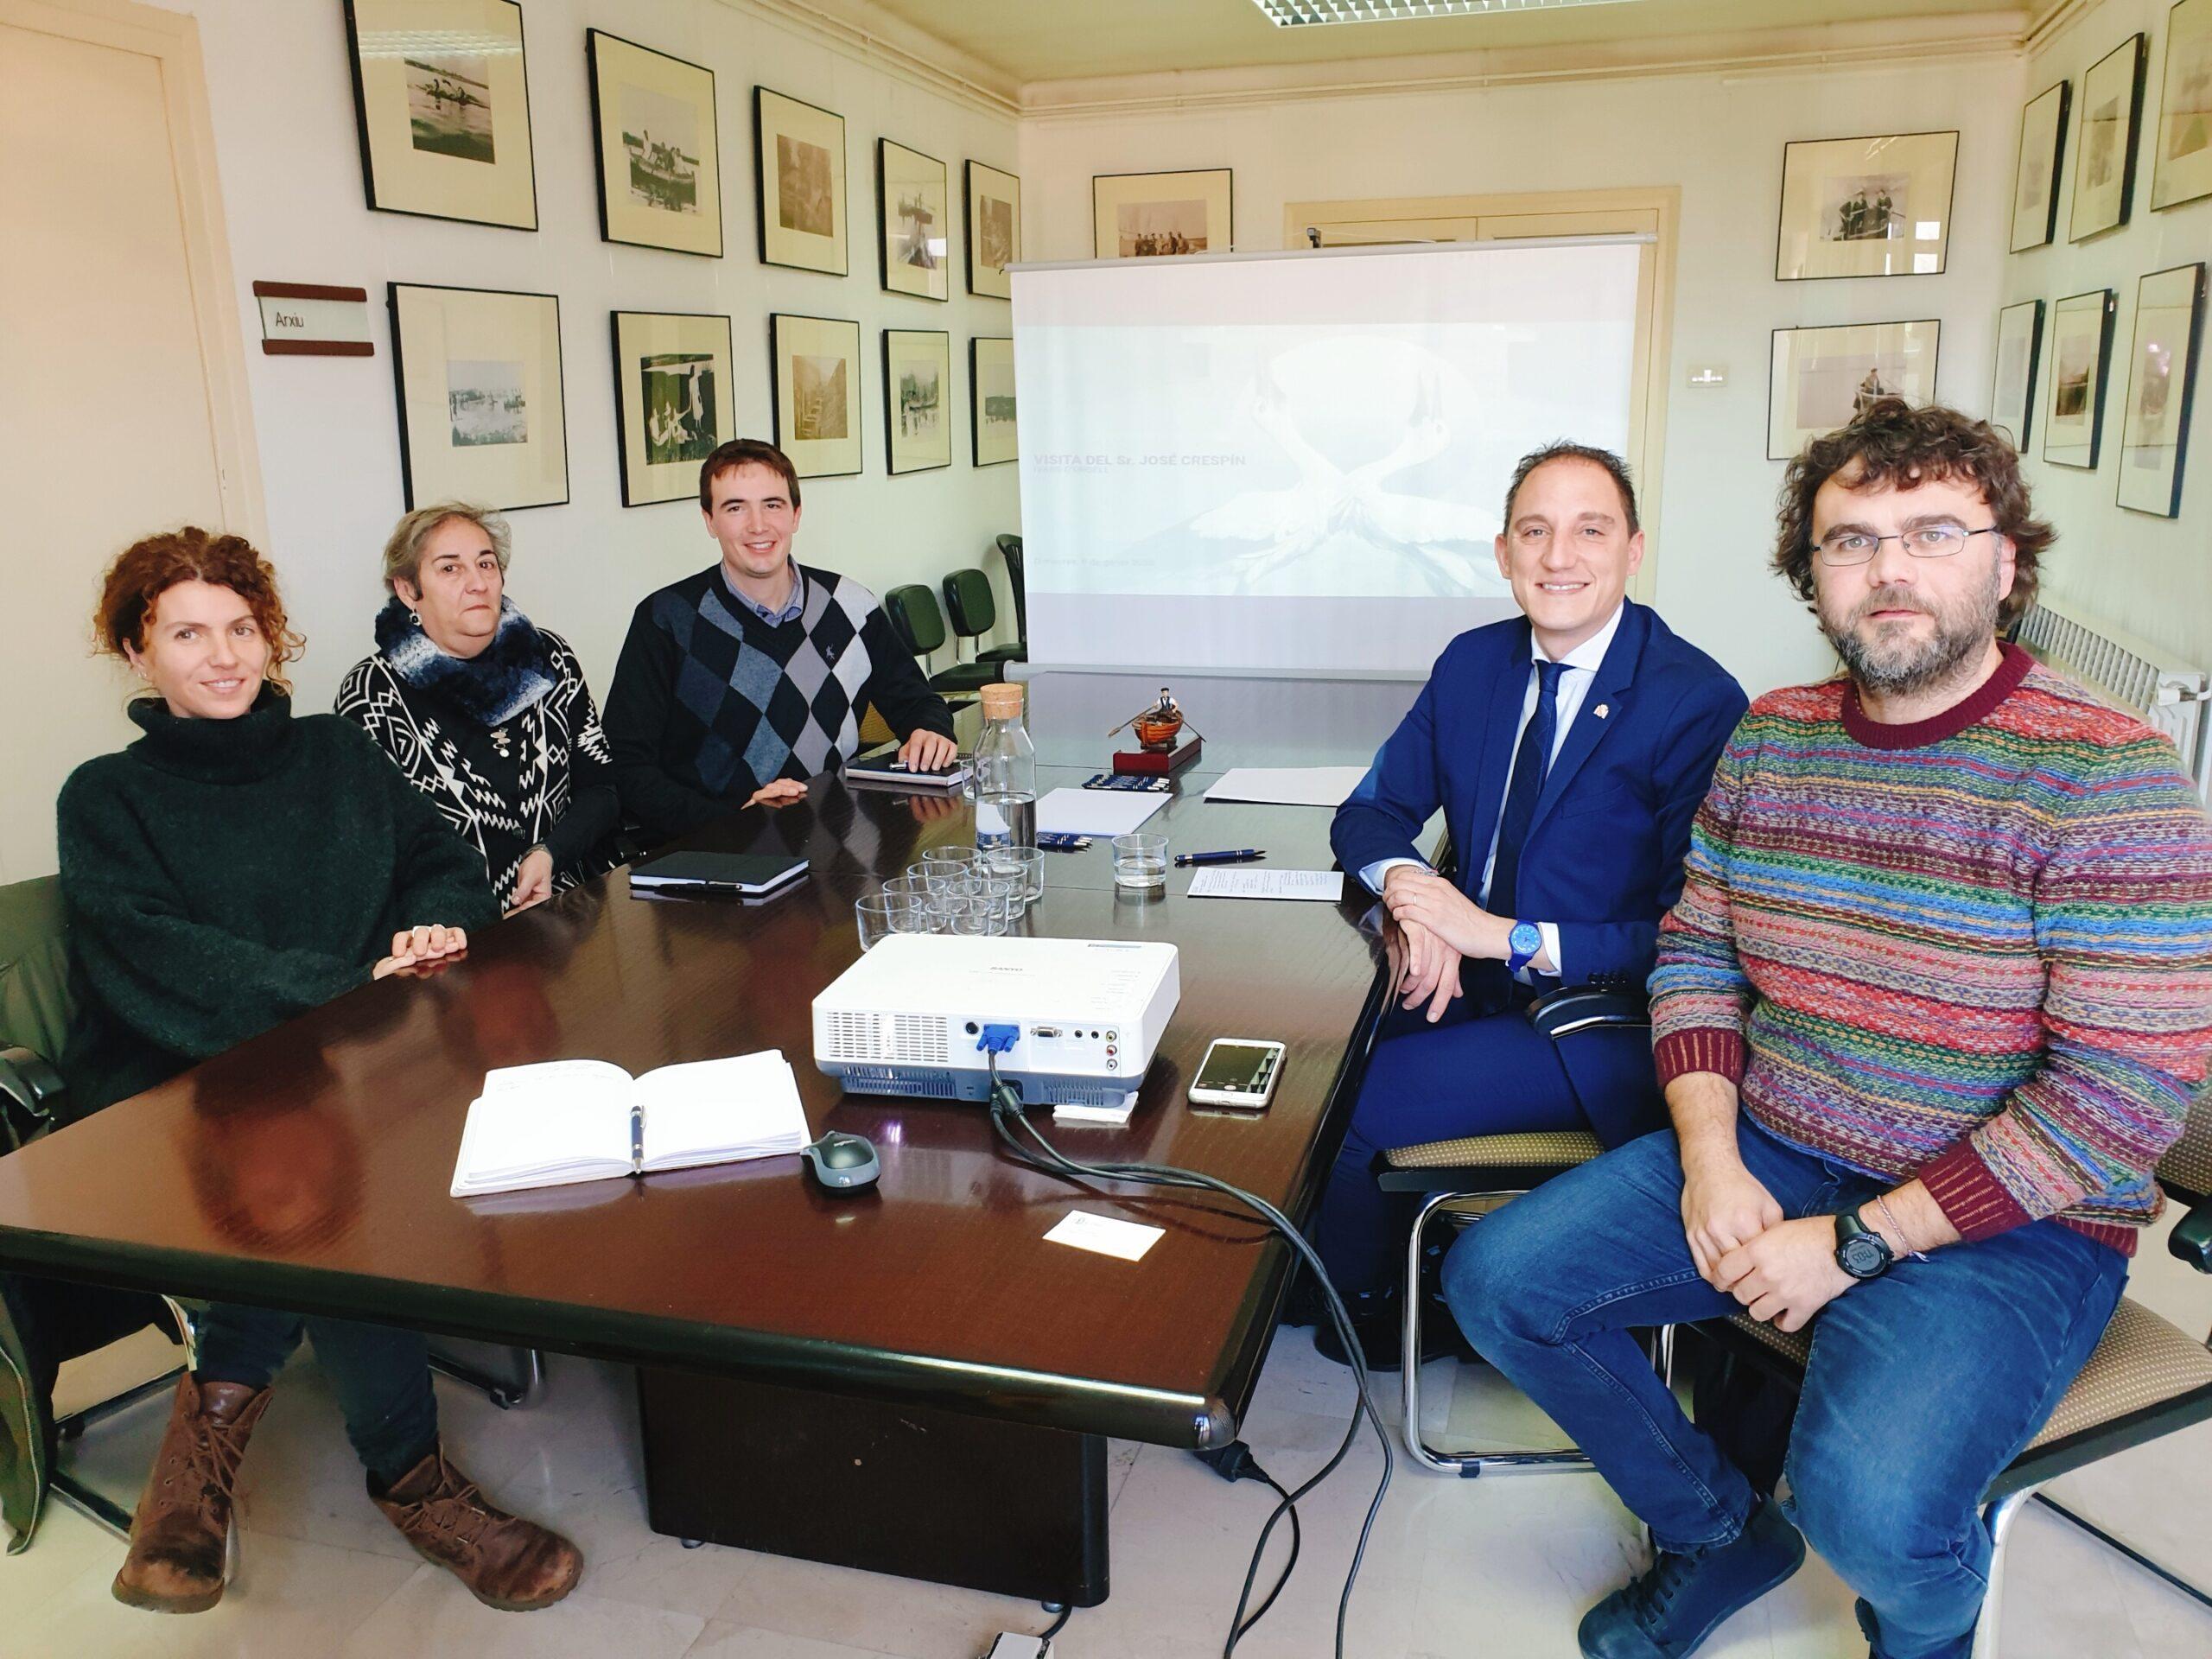 20200108 Subdelegat. Reunió amb Mancomunitat Intermunicipal per a la potabilització de les aigües de Barbens, Ivars d'urgell i Vila-sana